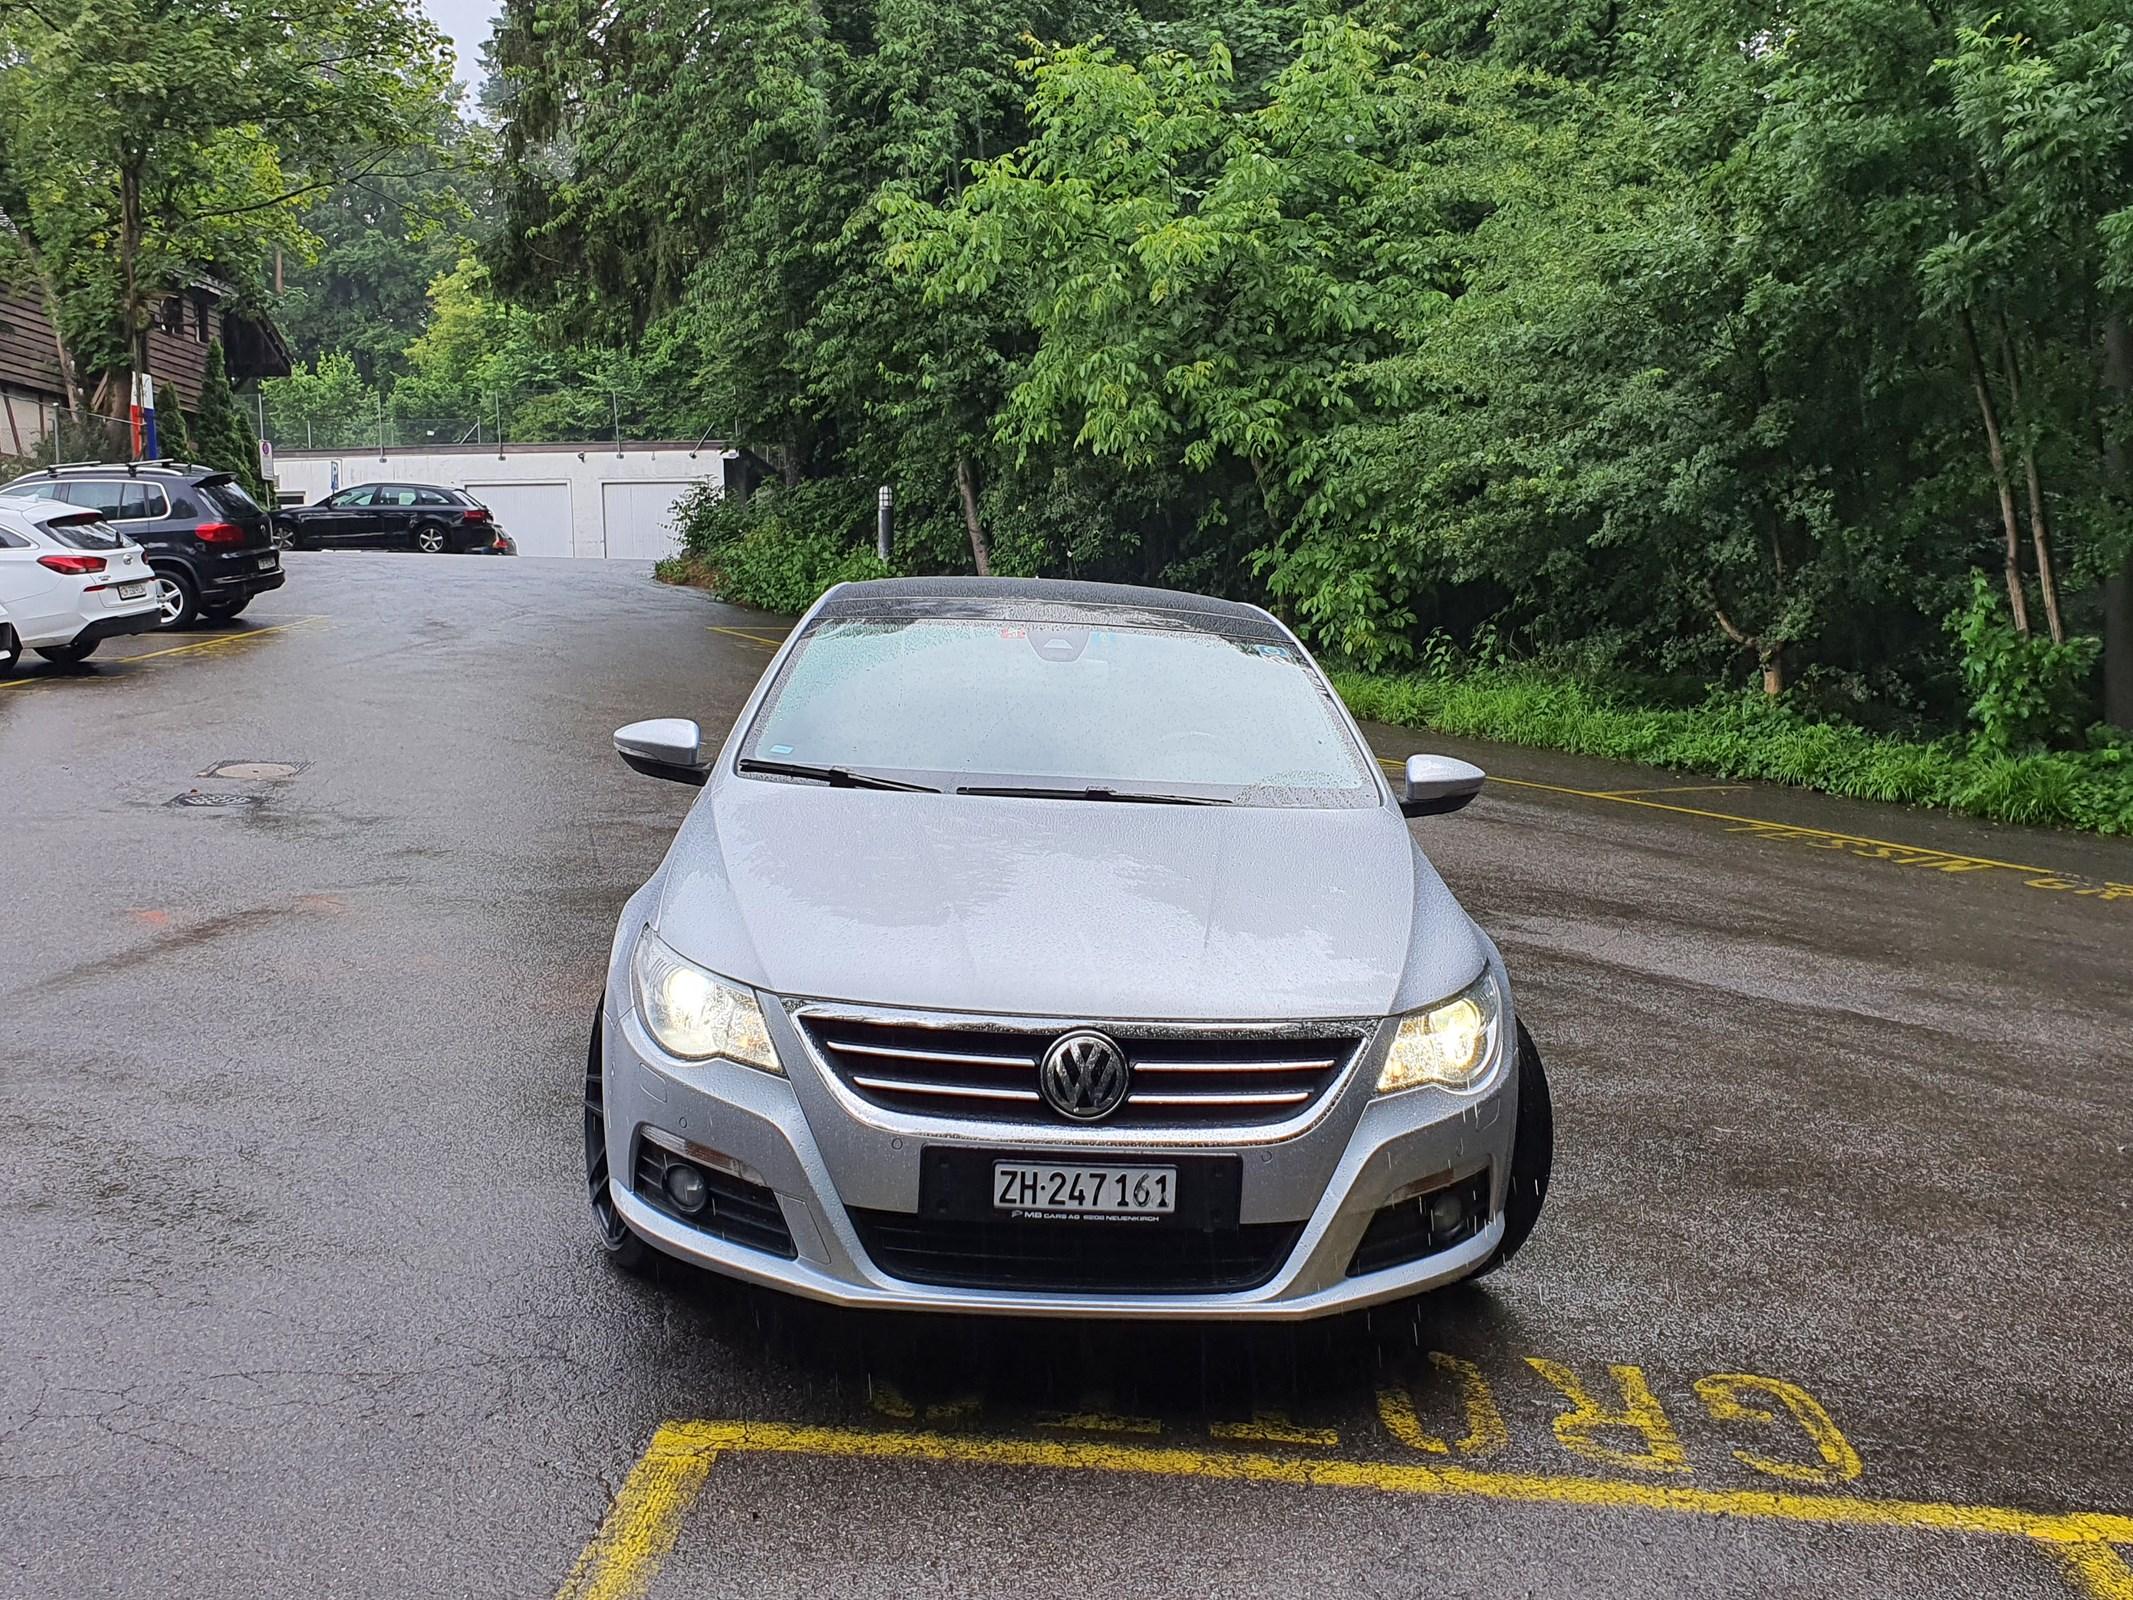 VW Passat CC 3.6 V6 FSI DSG 4motion